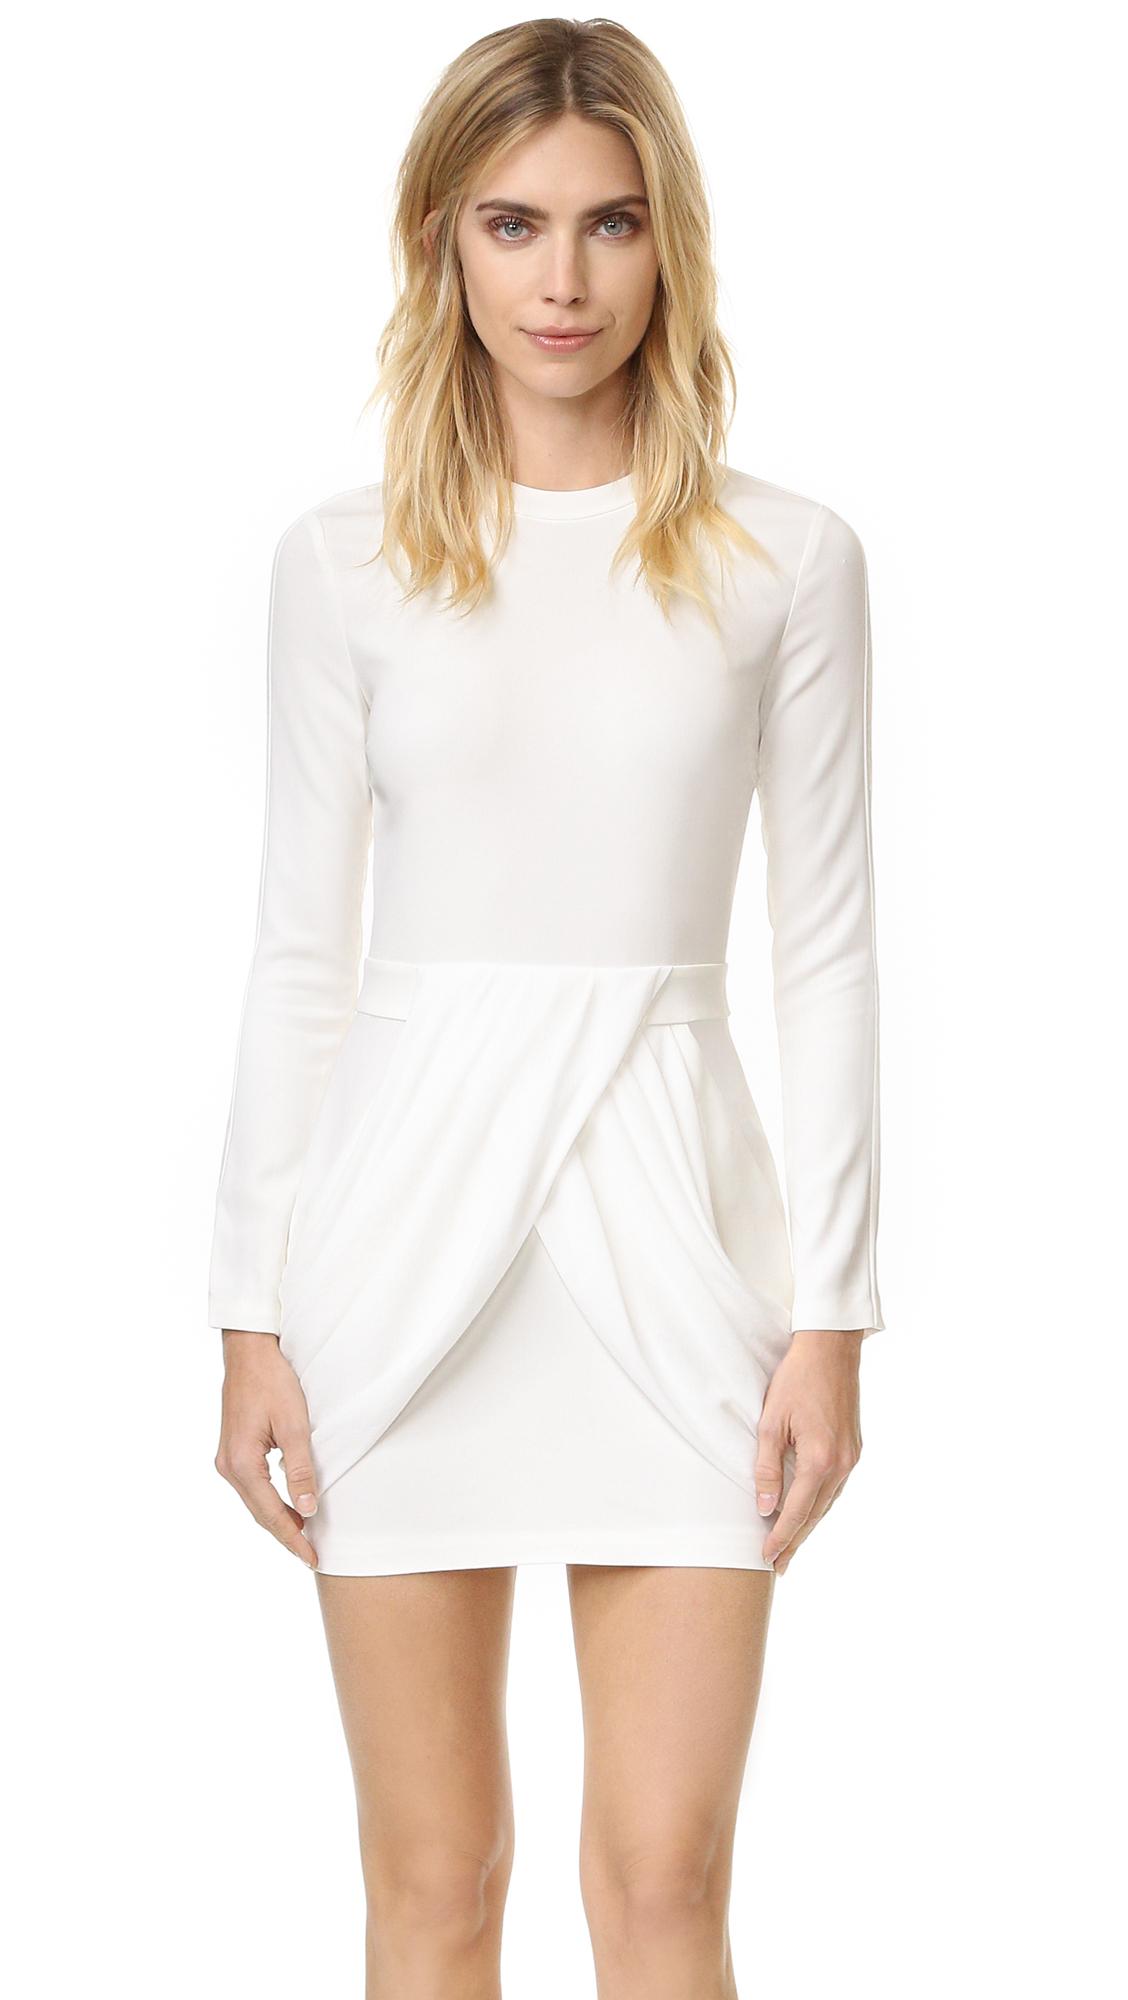 A.L.C. Tolan Dress - White/White at Shopbop